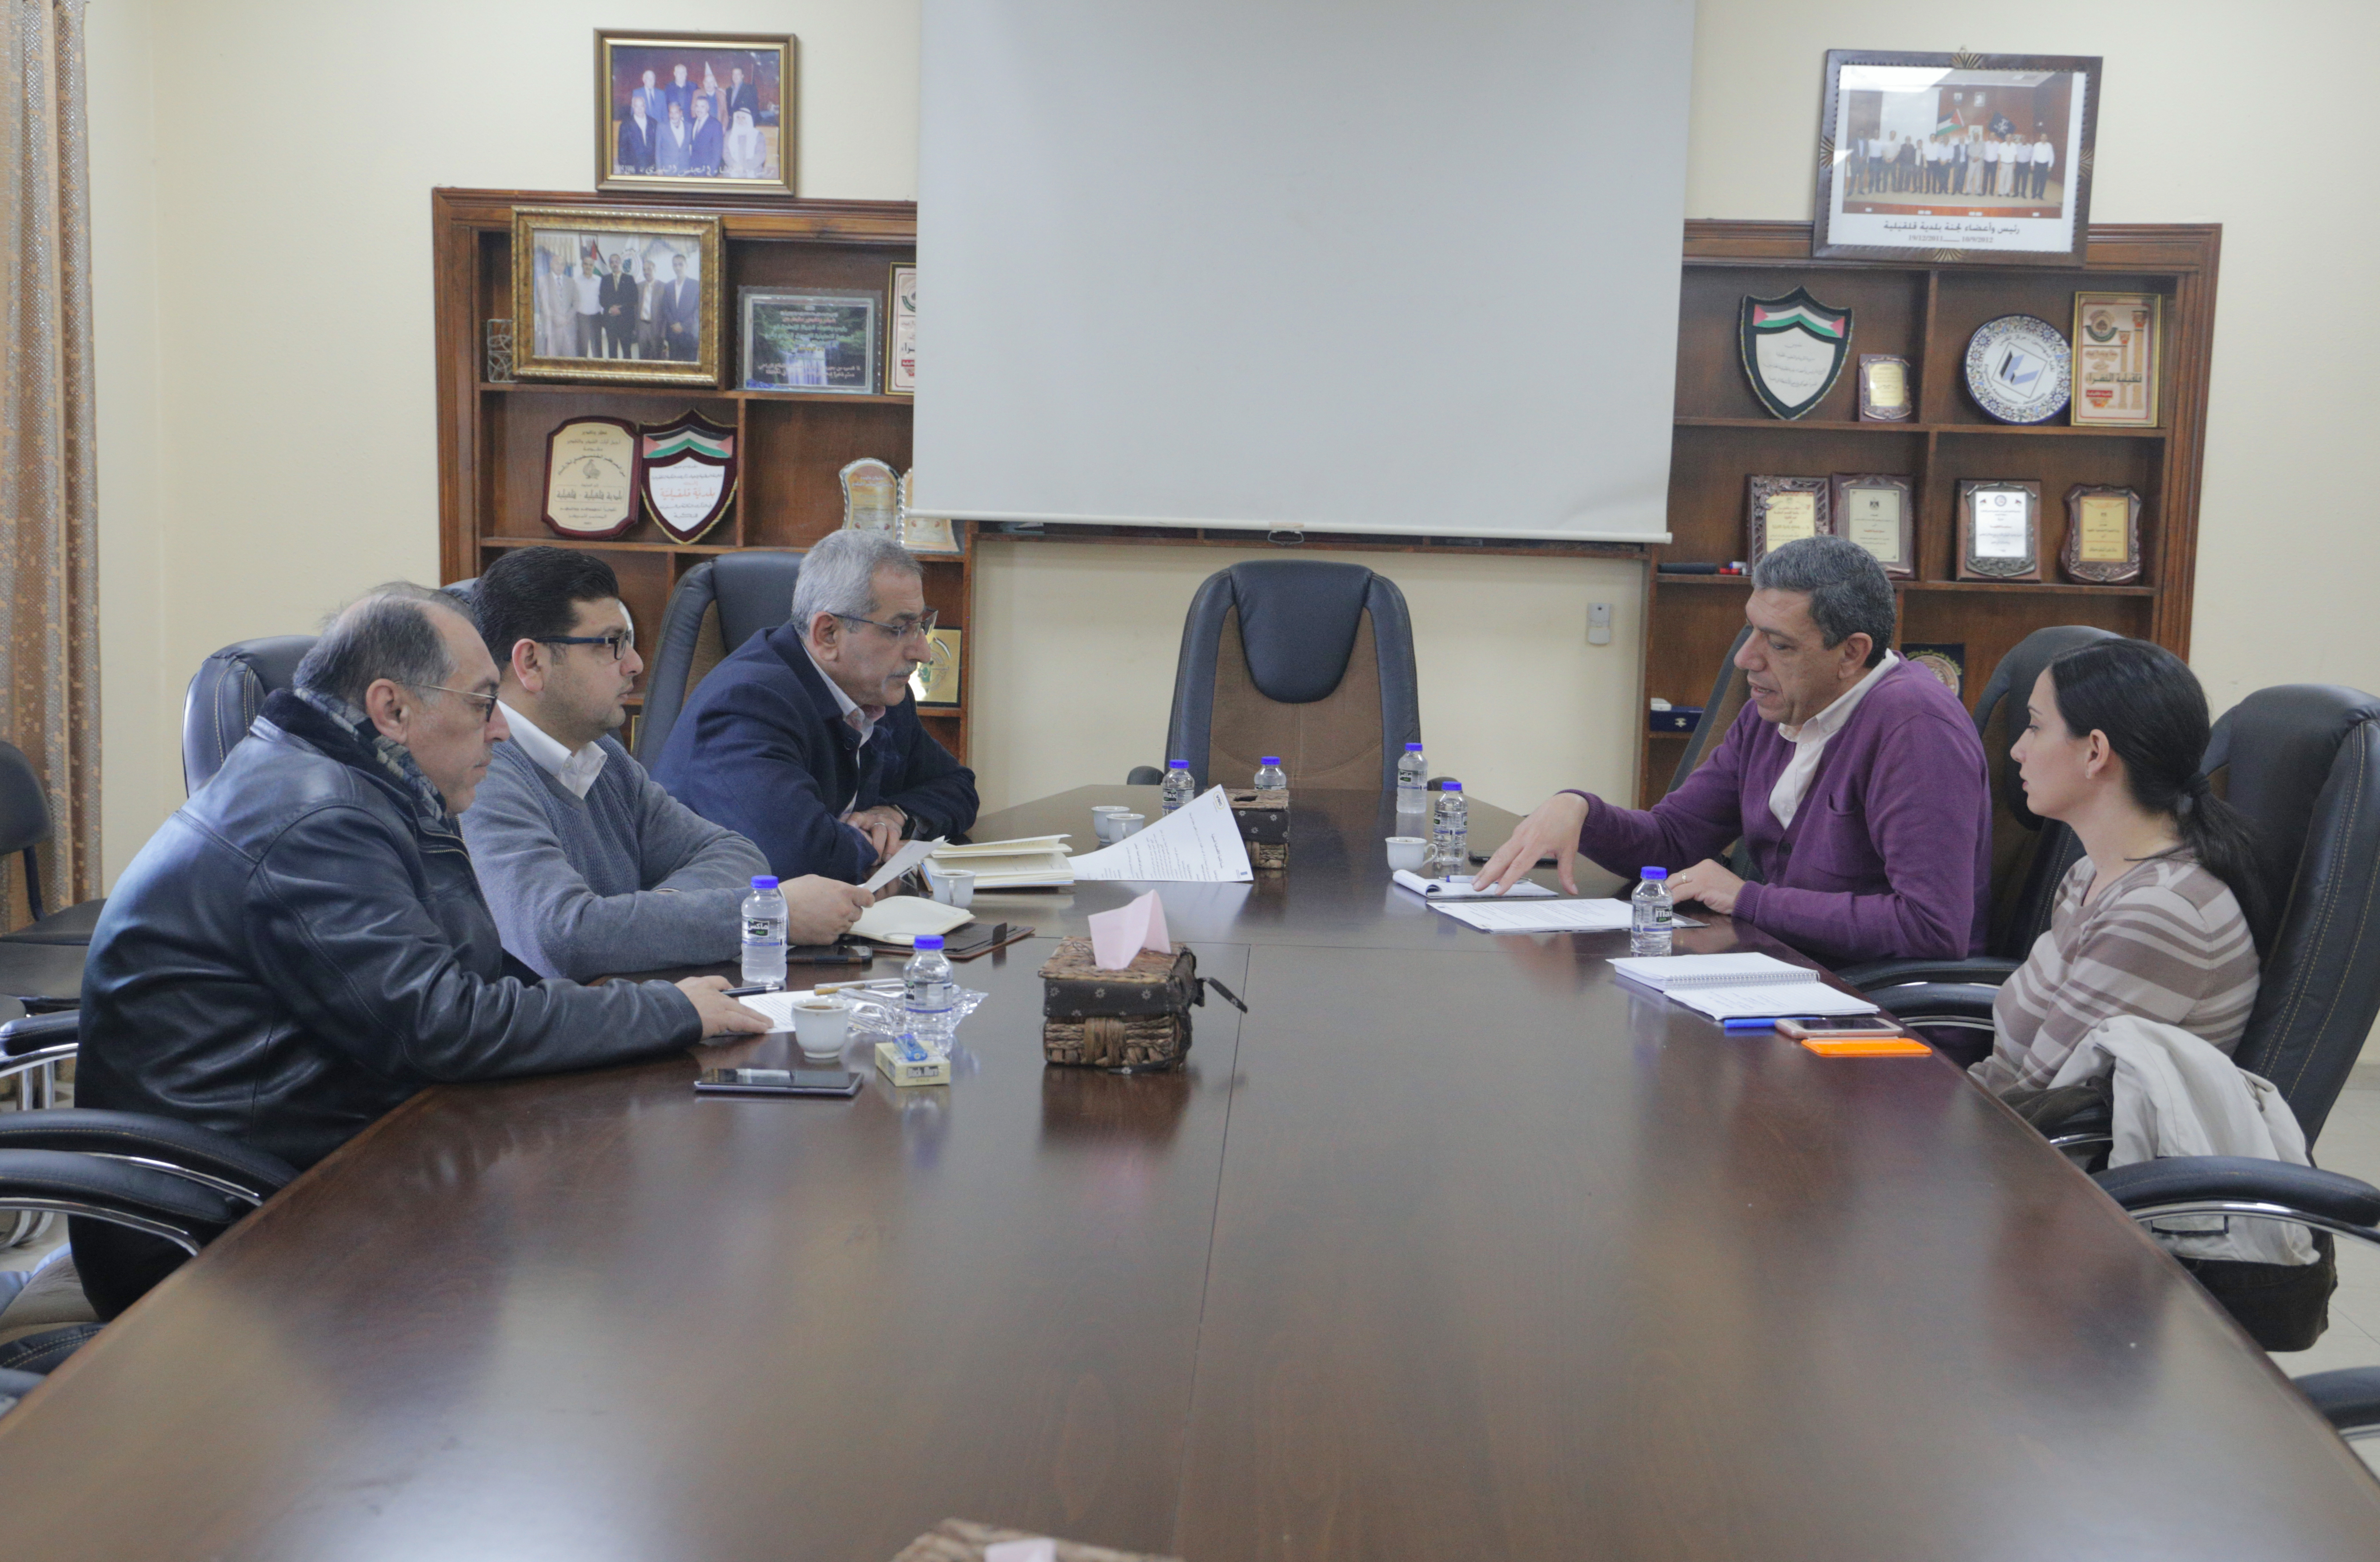 بلدية قلقيلية تلتقي صندوق وتطوير اقراض الهيئات المحلية يناقشون التنمية الاقتصادية